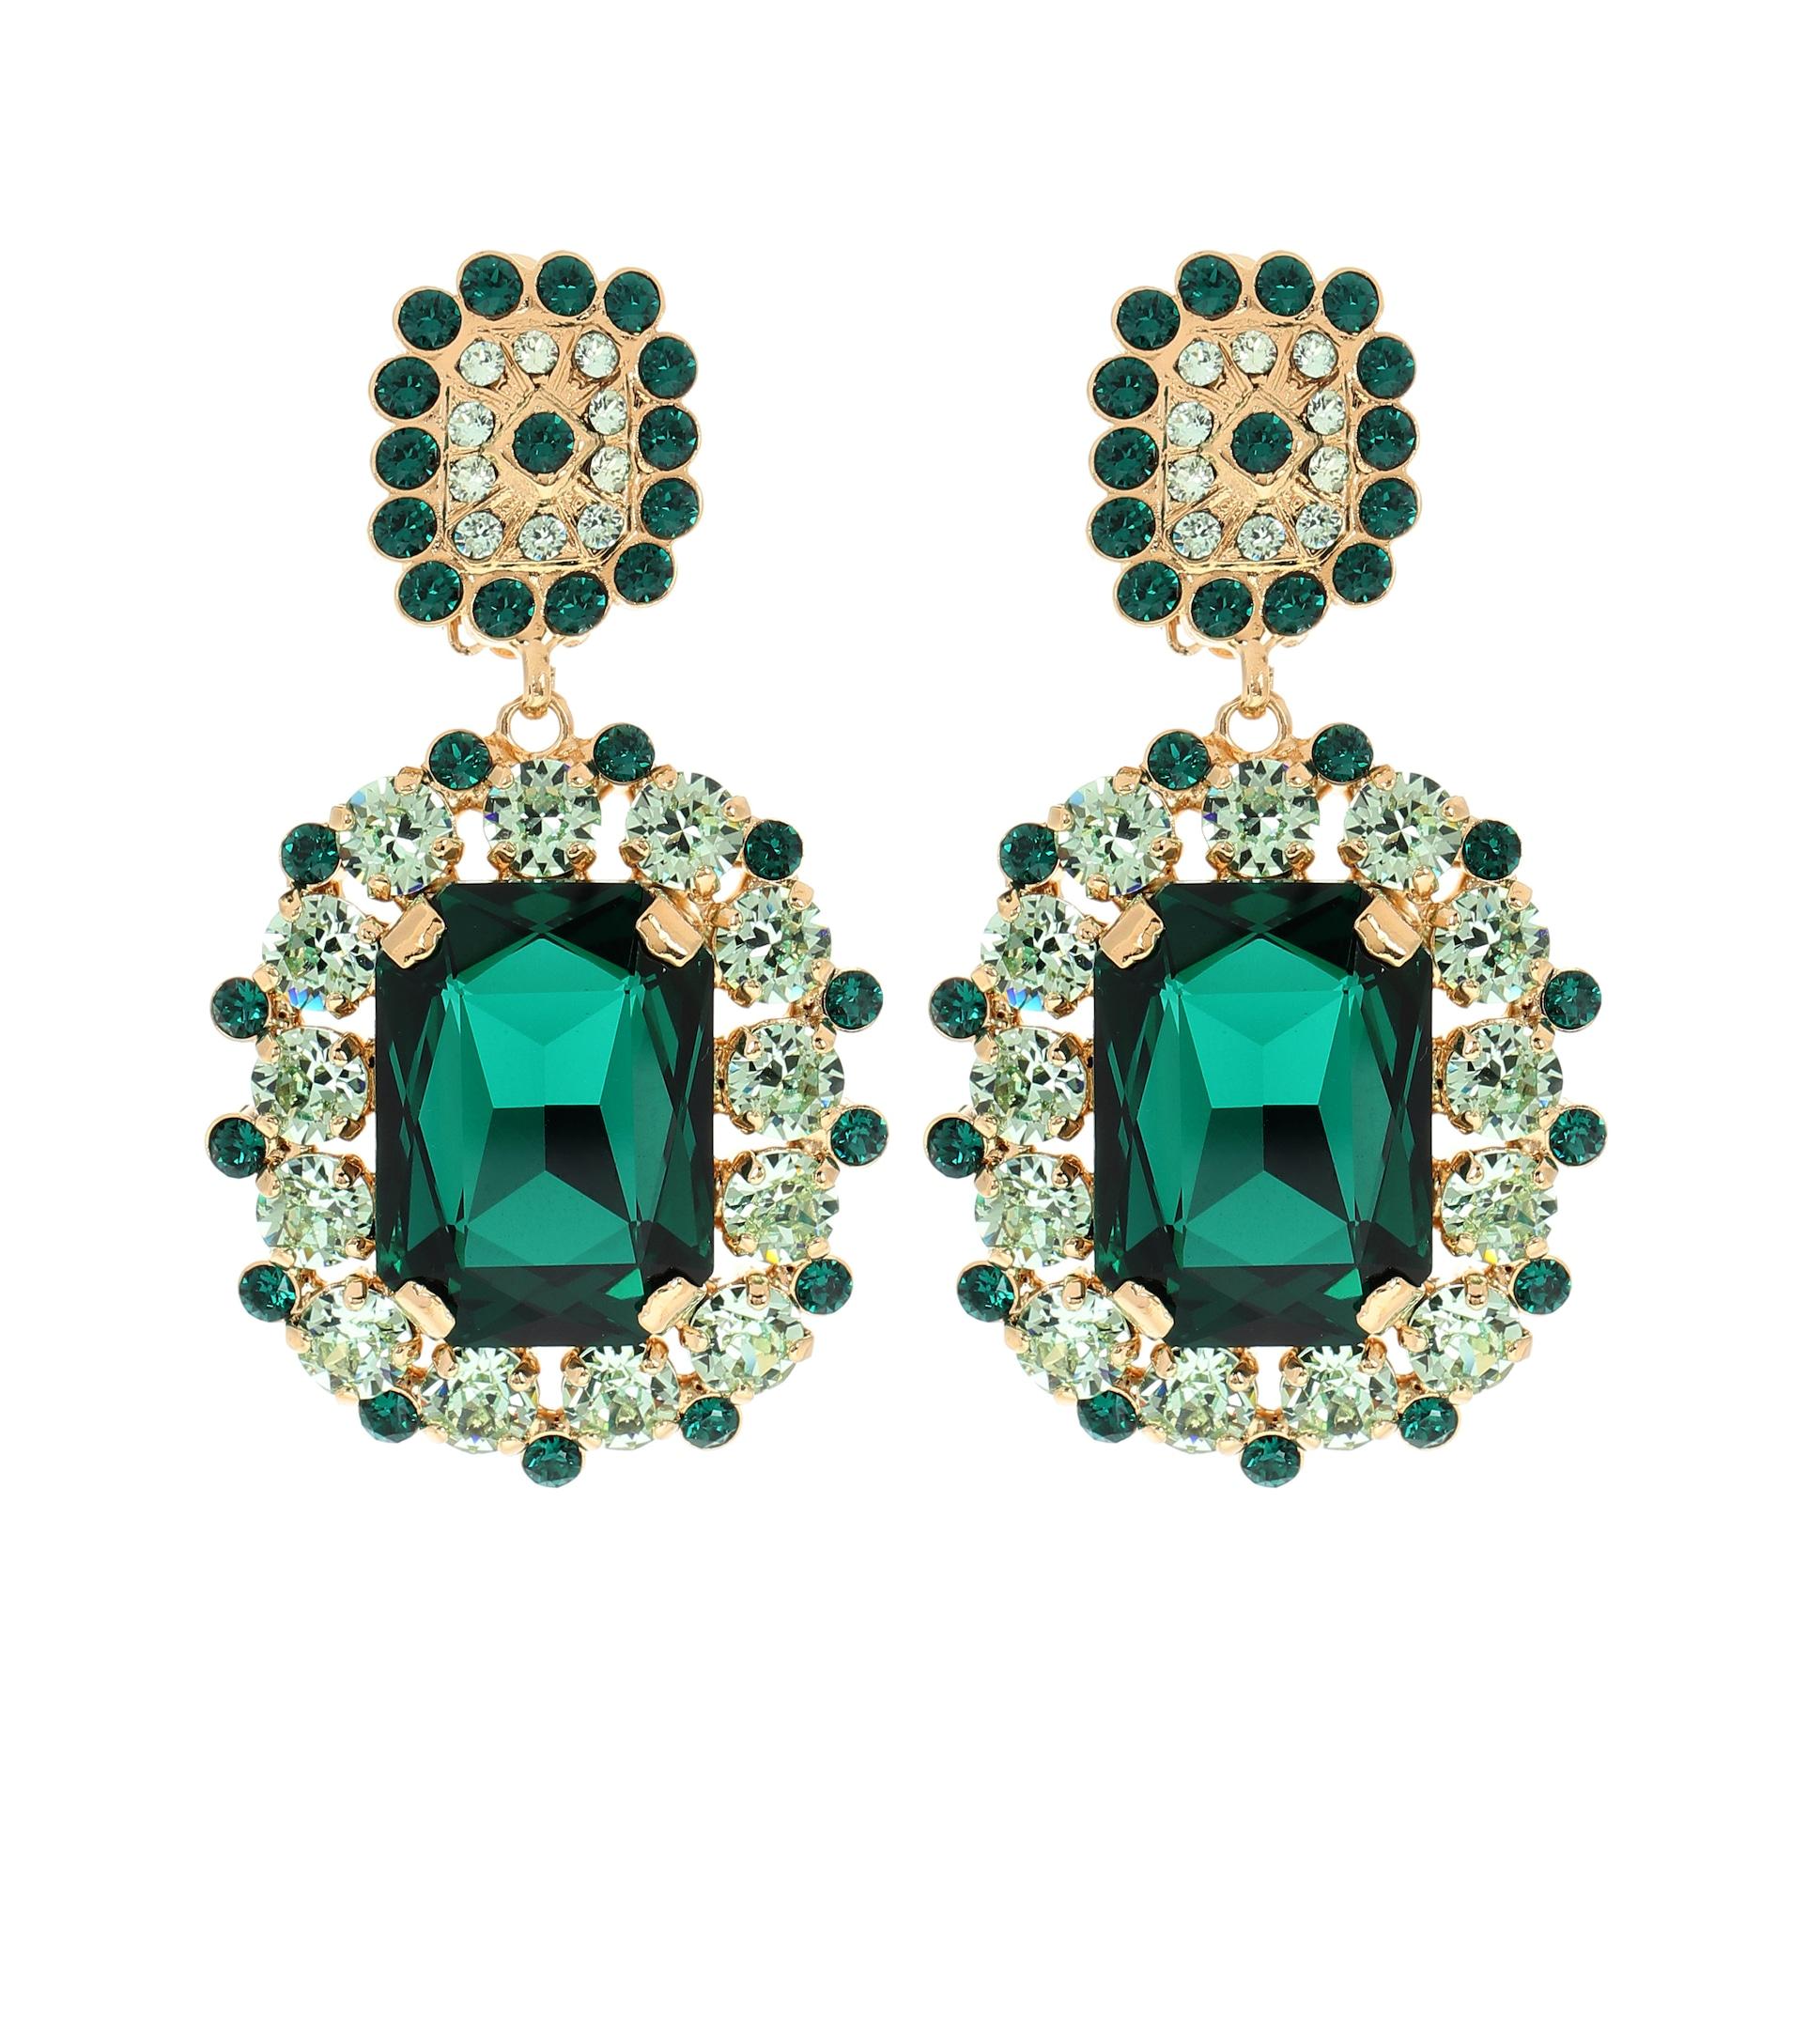 أقراط تليق بالإطلالات الرسمية الكلاسيكية من Dolce and Gabbana